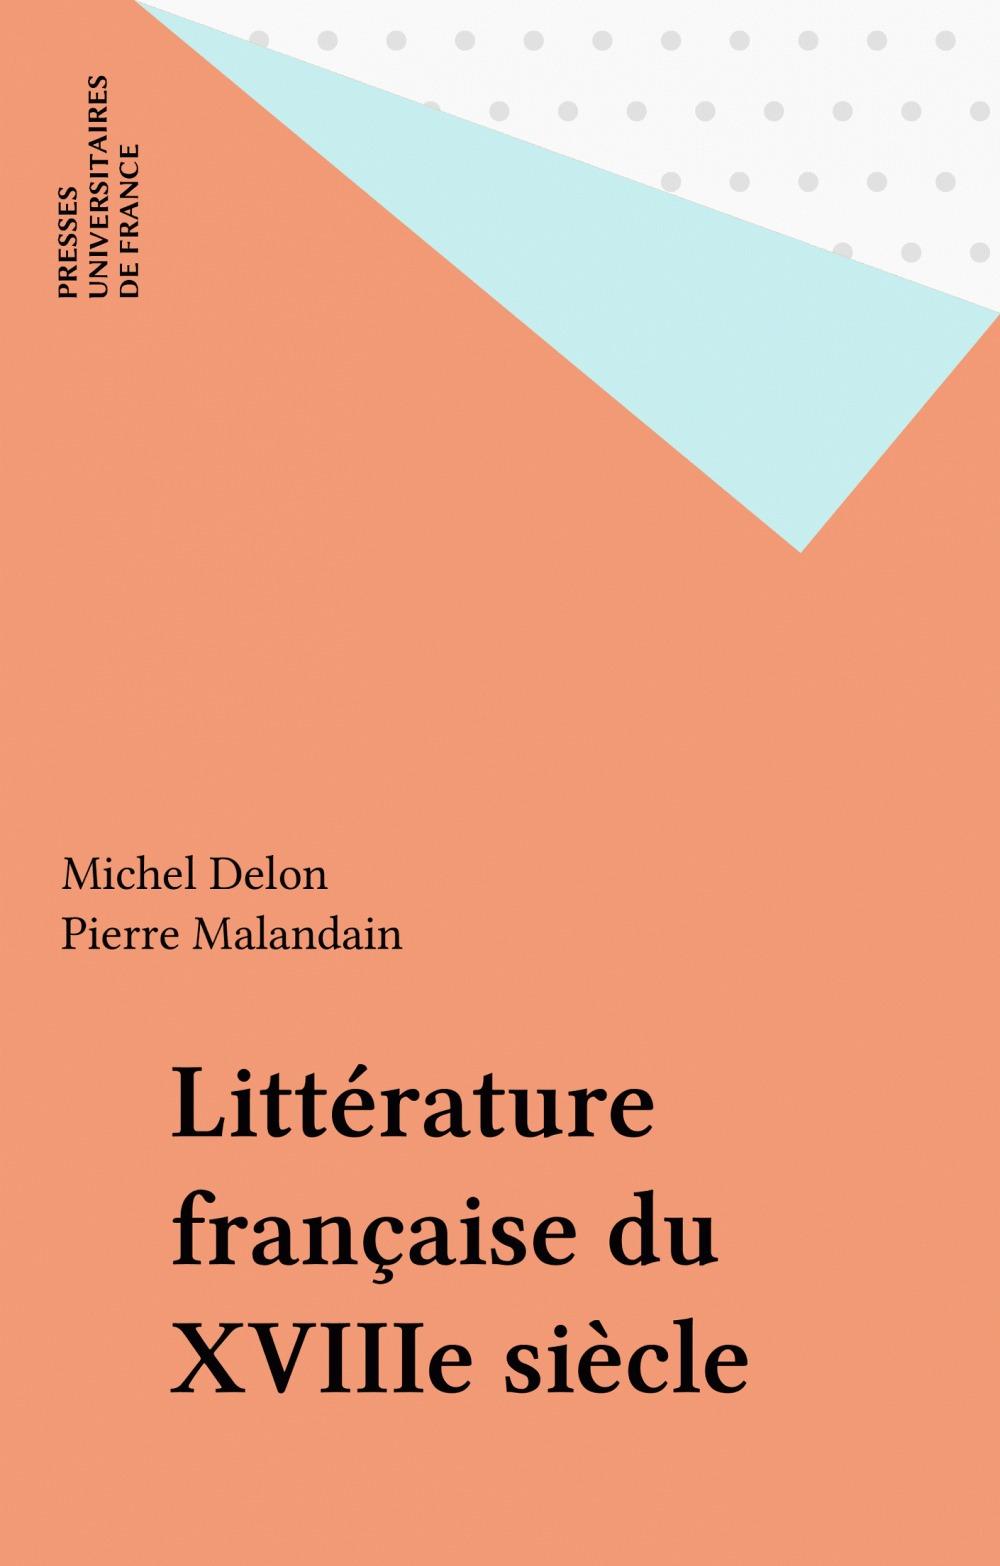 La litterature francaise du xviiie siecle